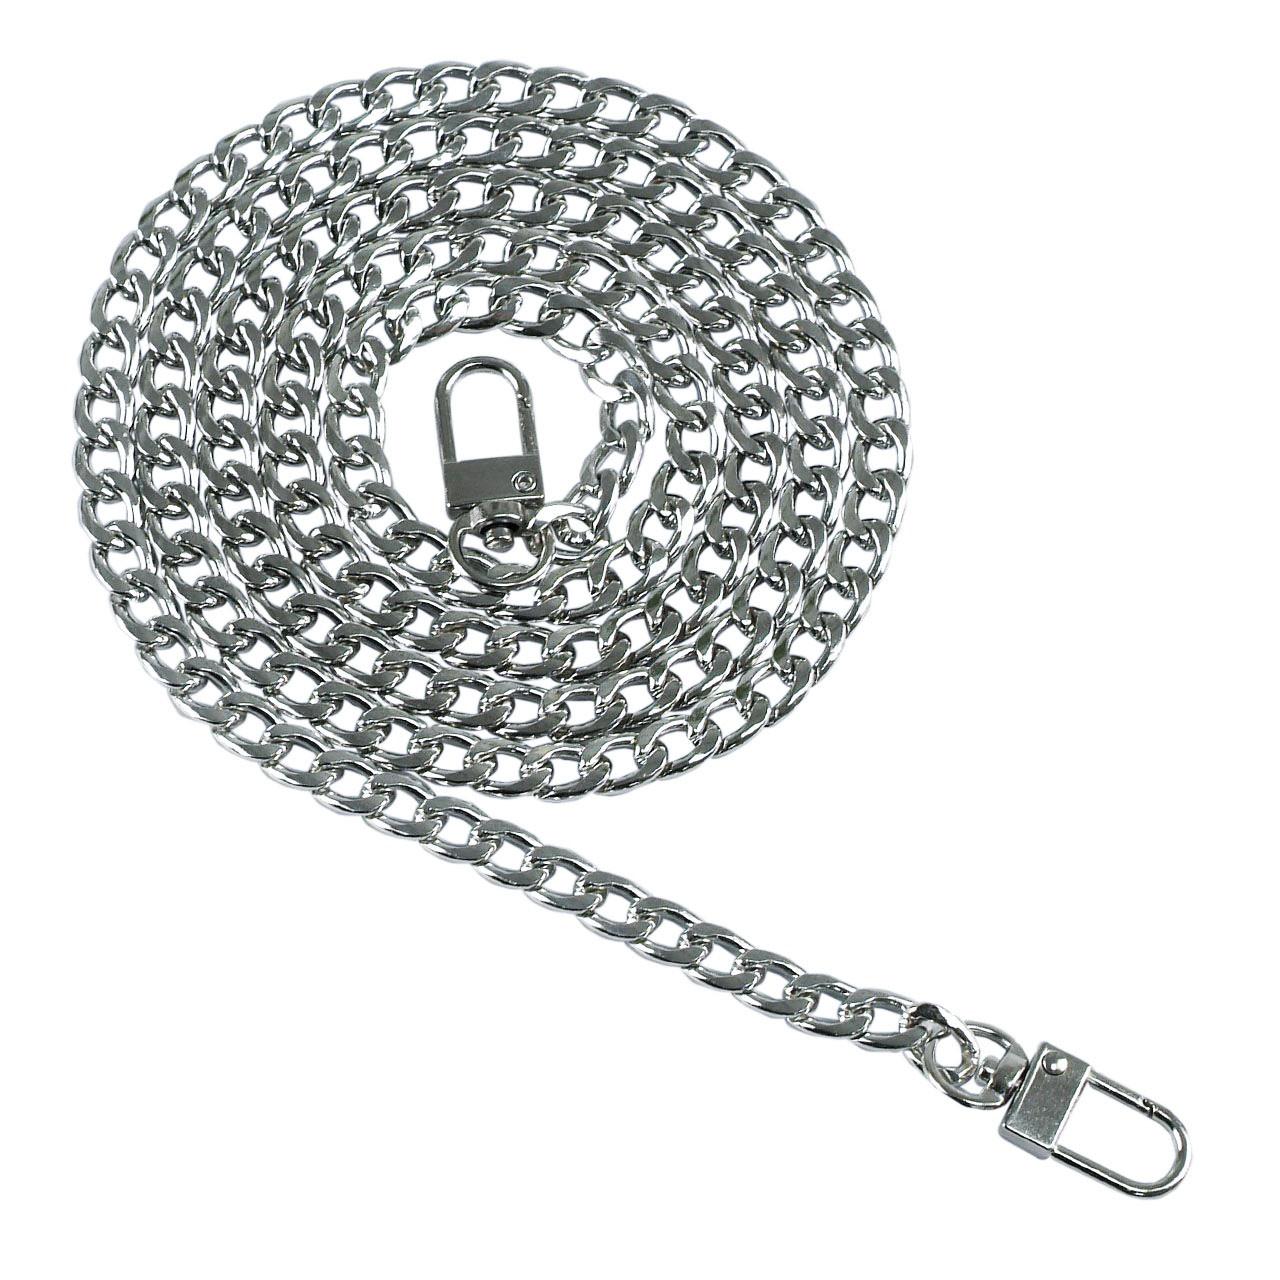 Цепь якорная плоская 120 см (8 мм ширина звена) серебро, поворотный карабин замок